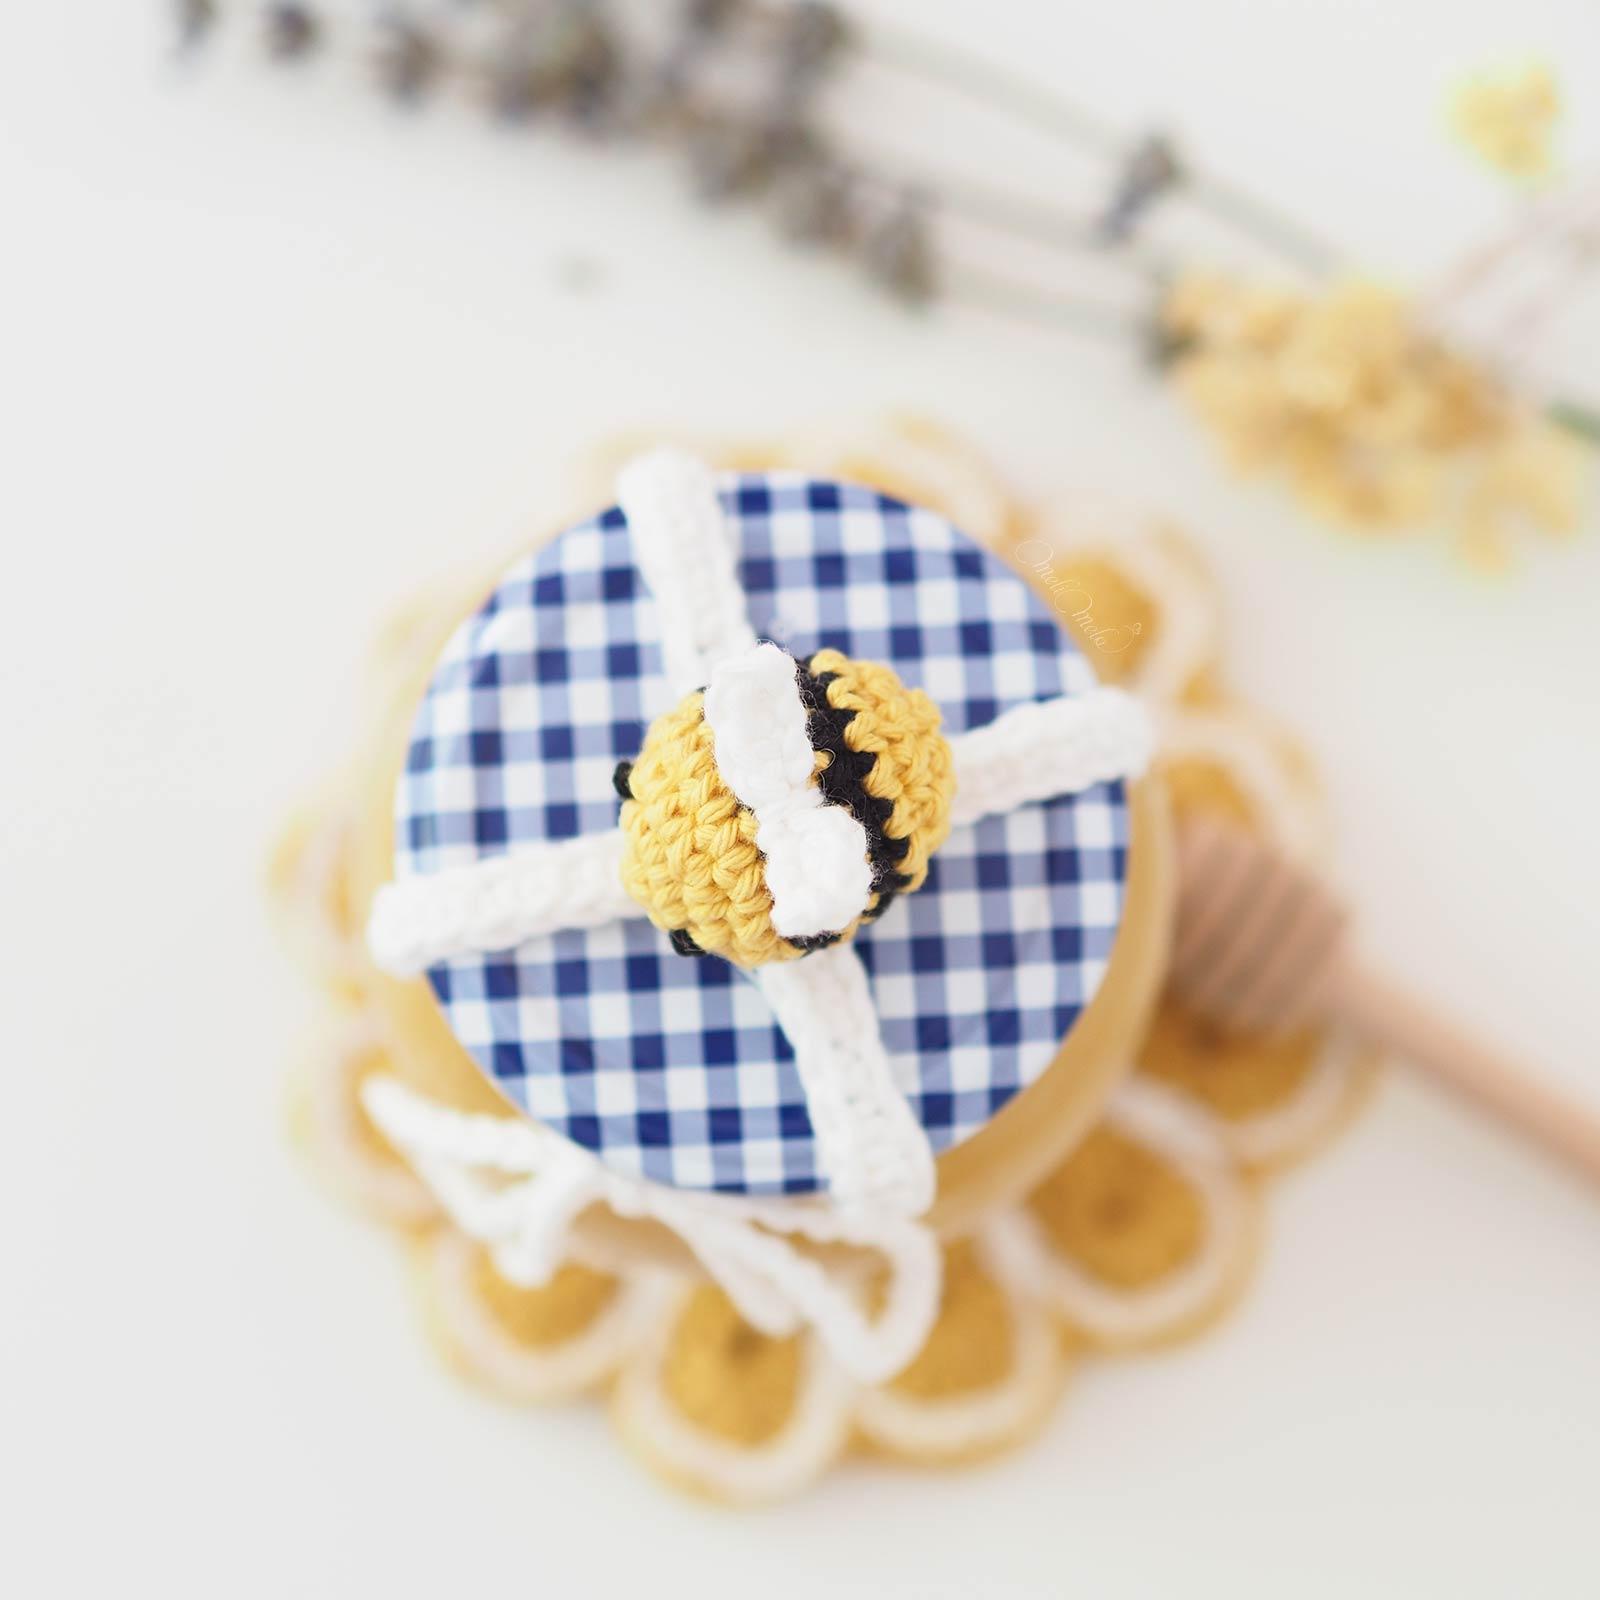 deco-pot-miel-abeille-crochet-amigurumi-